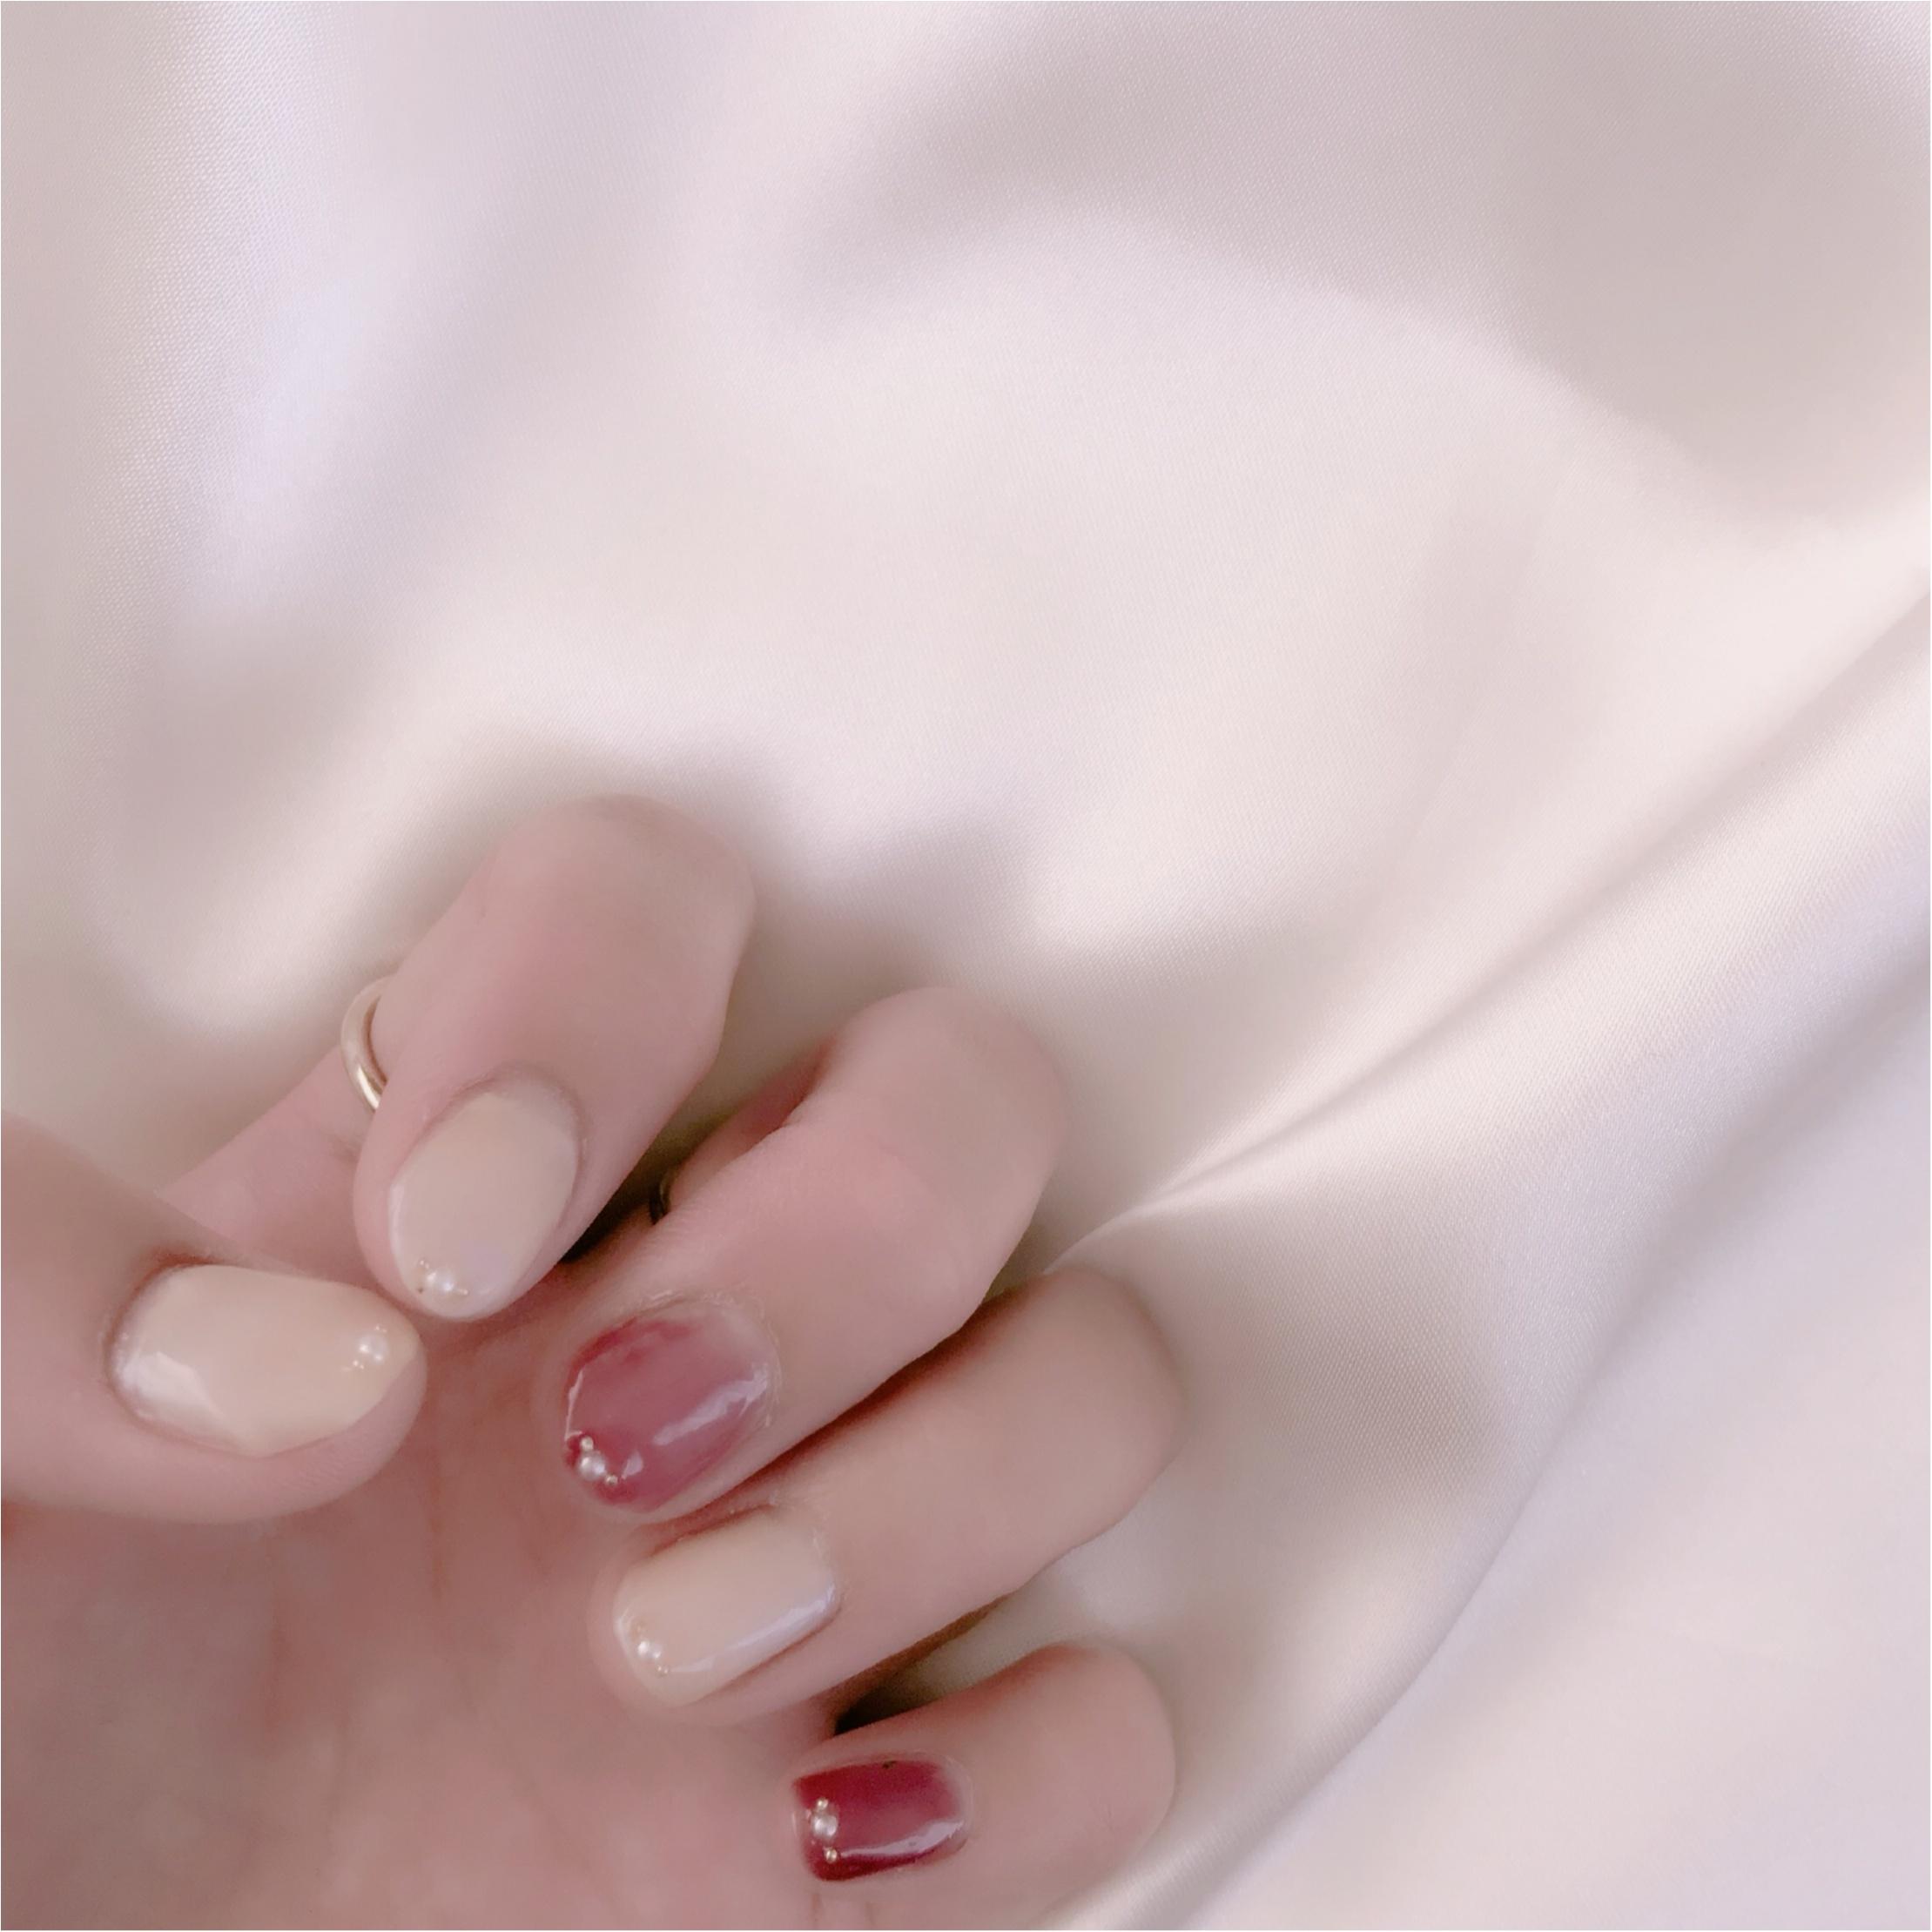 【週末だけネイル】HOMEIのWeekly gelのネット限定色が新宿なら店頭でGETできます!_2